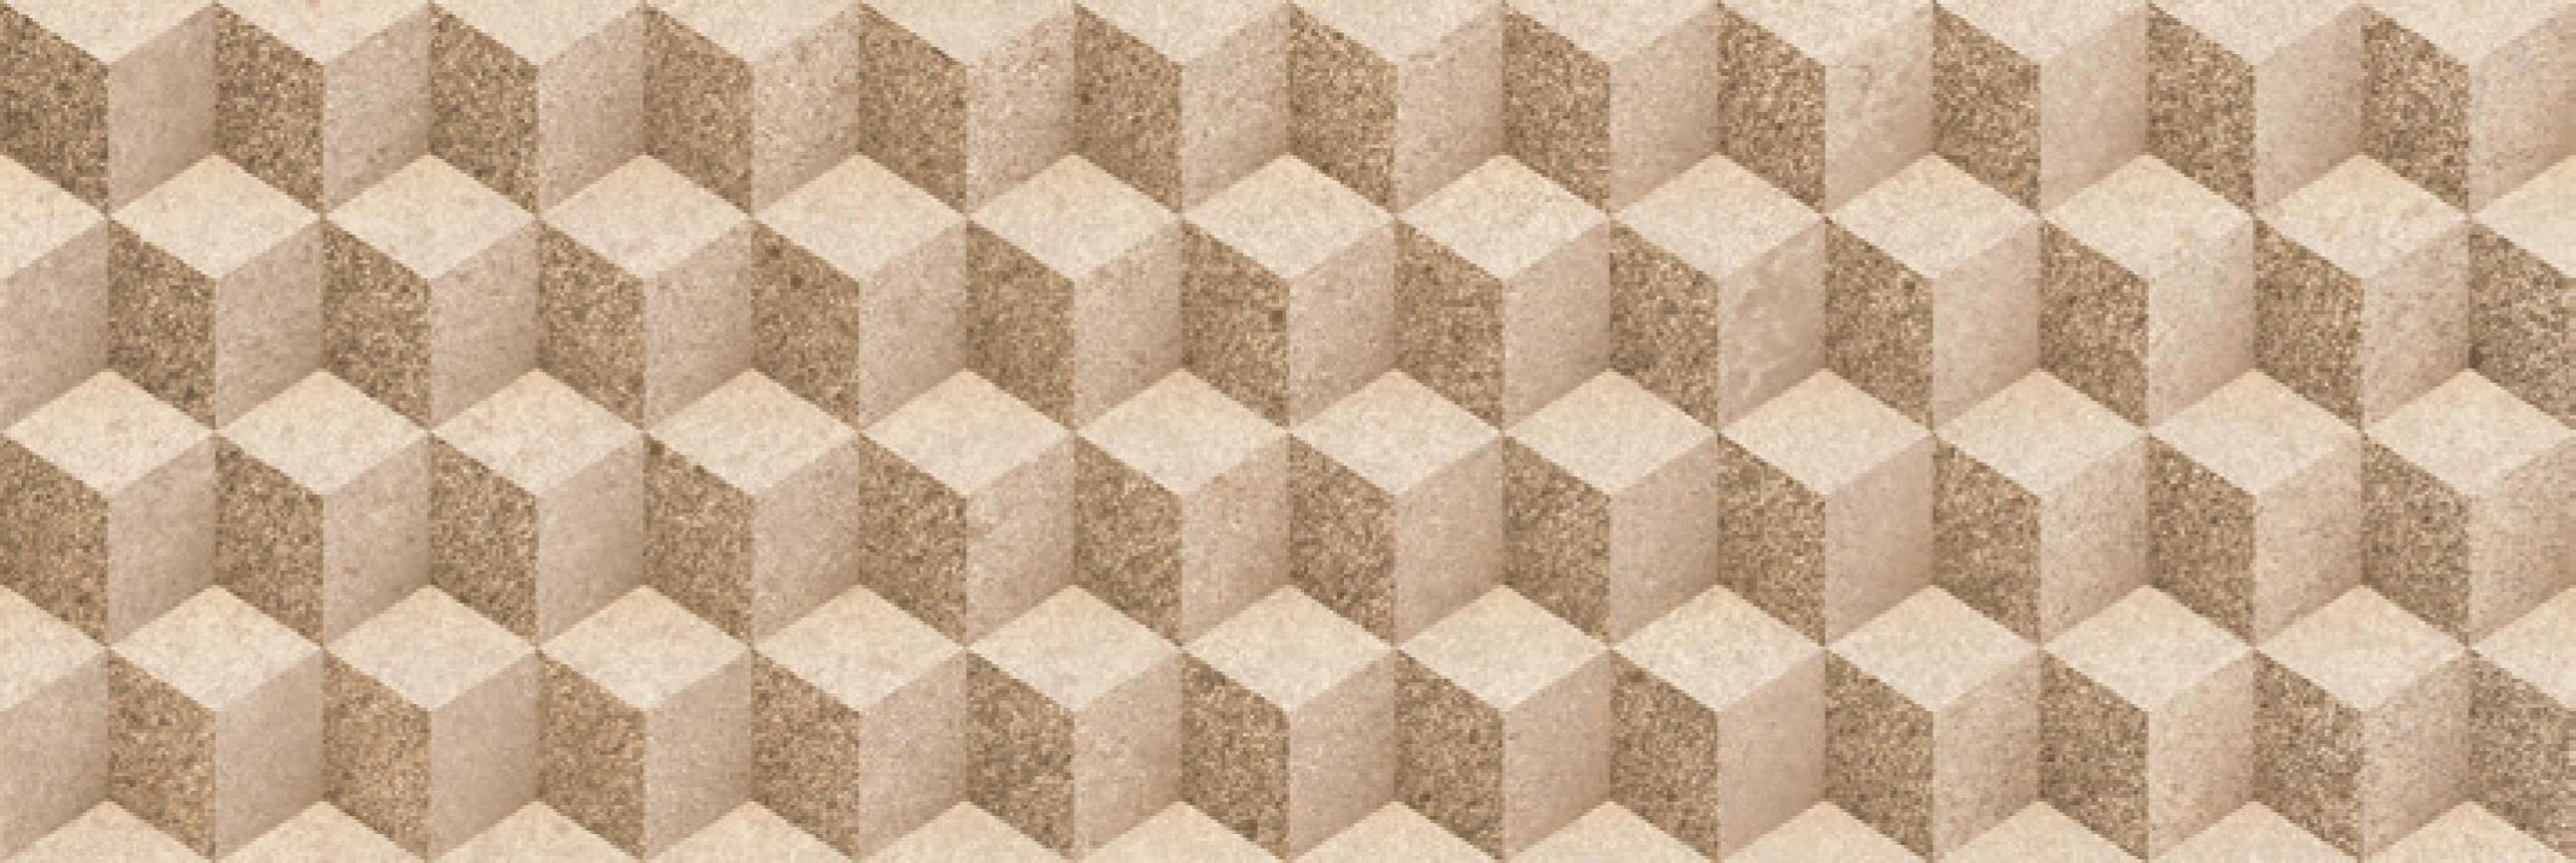 Купить Керамическая плитка Porcelanite Dos 7514 Relieve Beige настенная 25х75, Испания